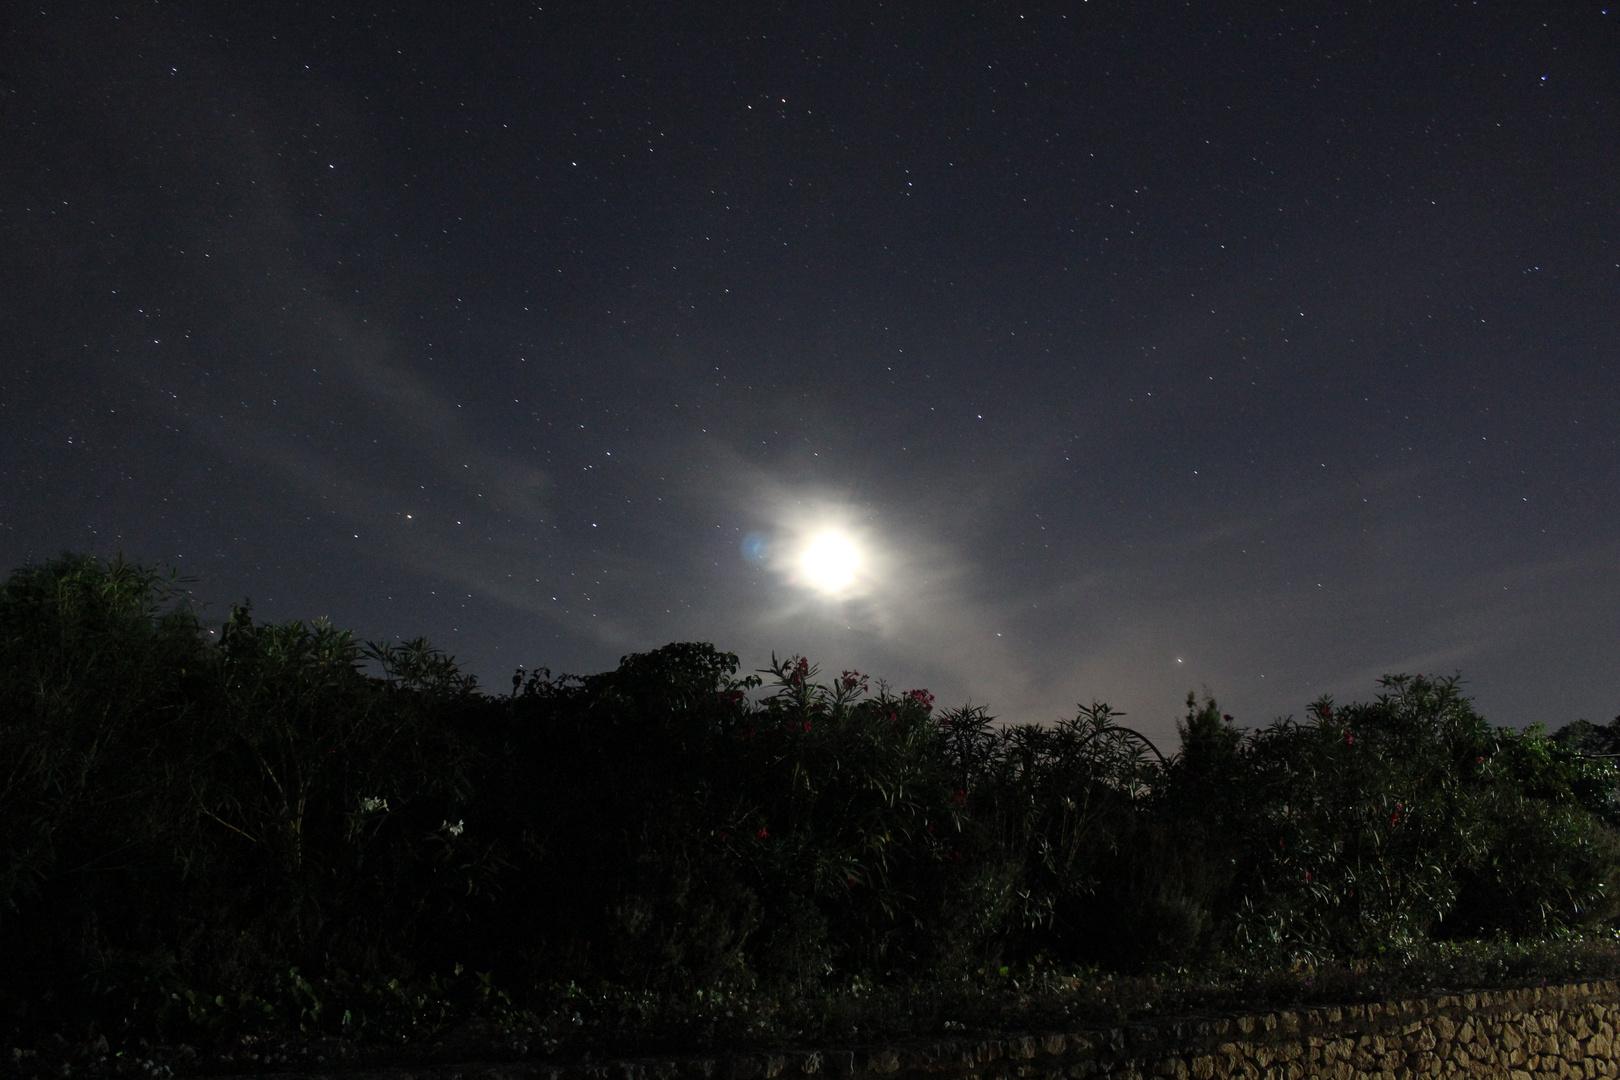 Sternenhimmel und Mond über Oleander